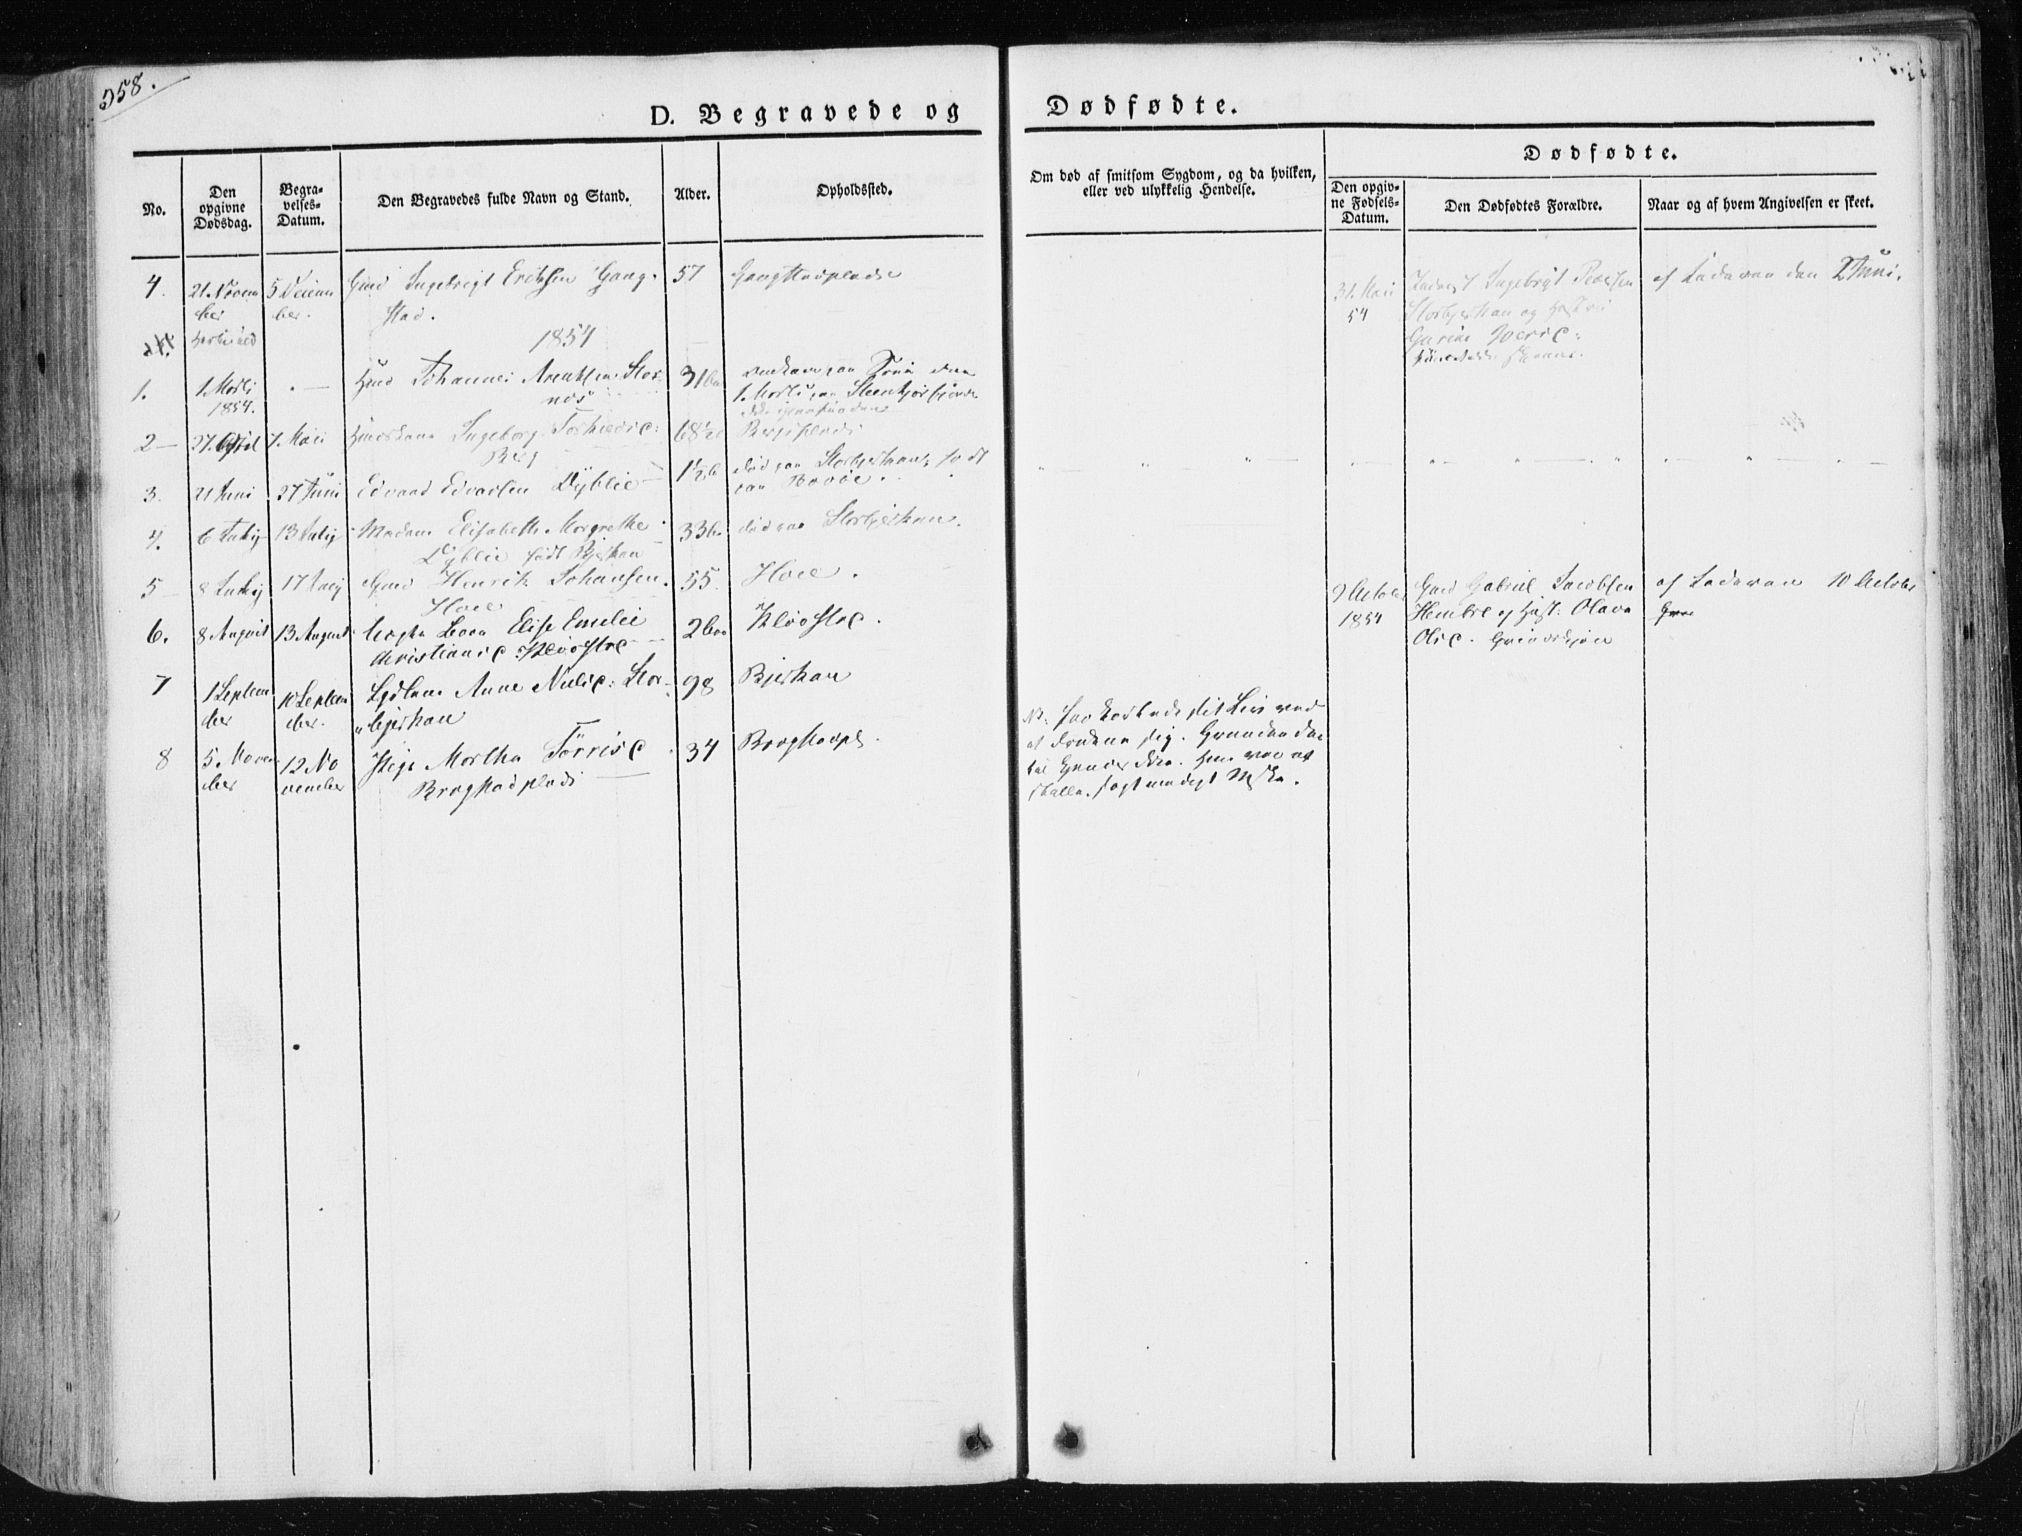 SAT, Ministerialprotokoller, klokkerbøker og fødselsregistre - Nord-Trøndelag, 730/L0280: Ministerialbok nr. 730A07 /3, 1840-1854, s. 358